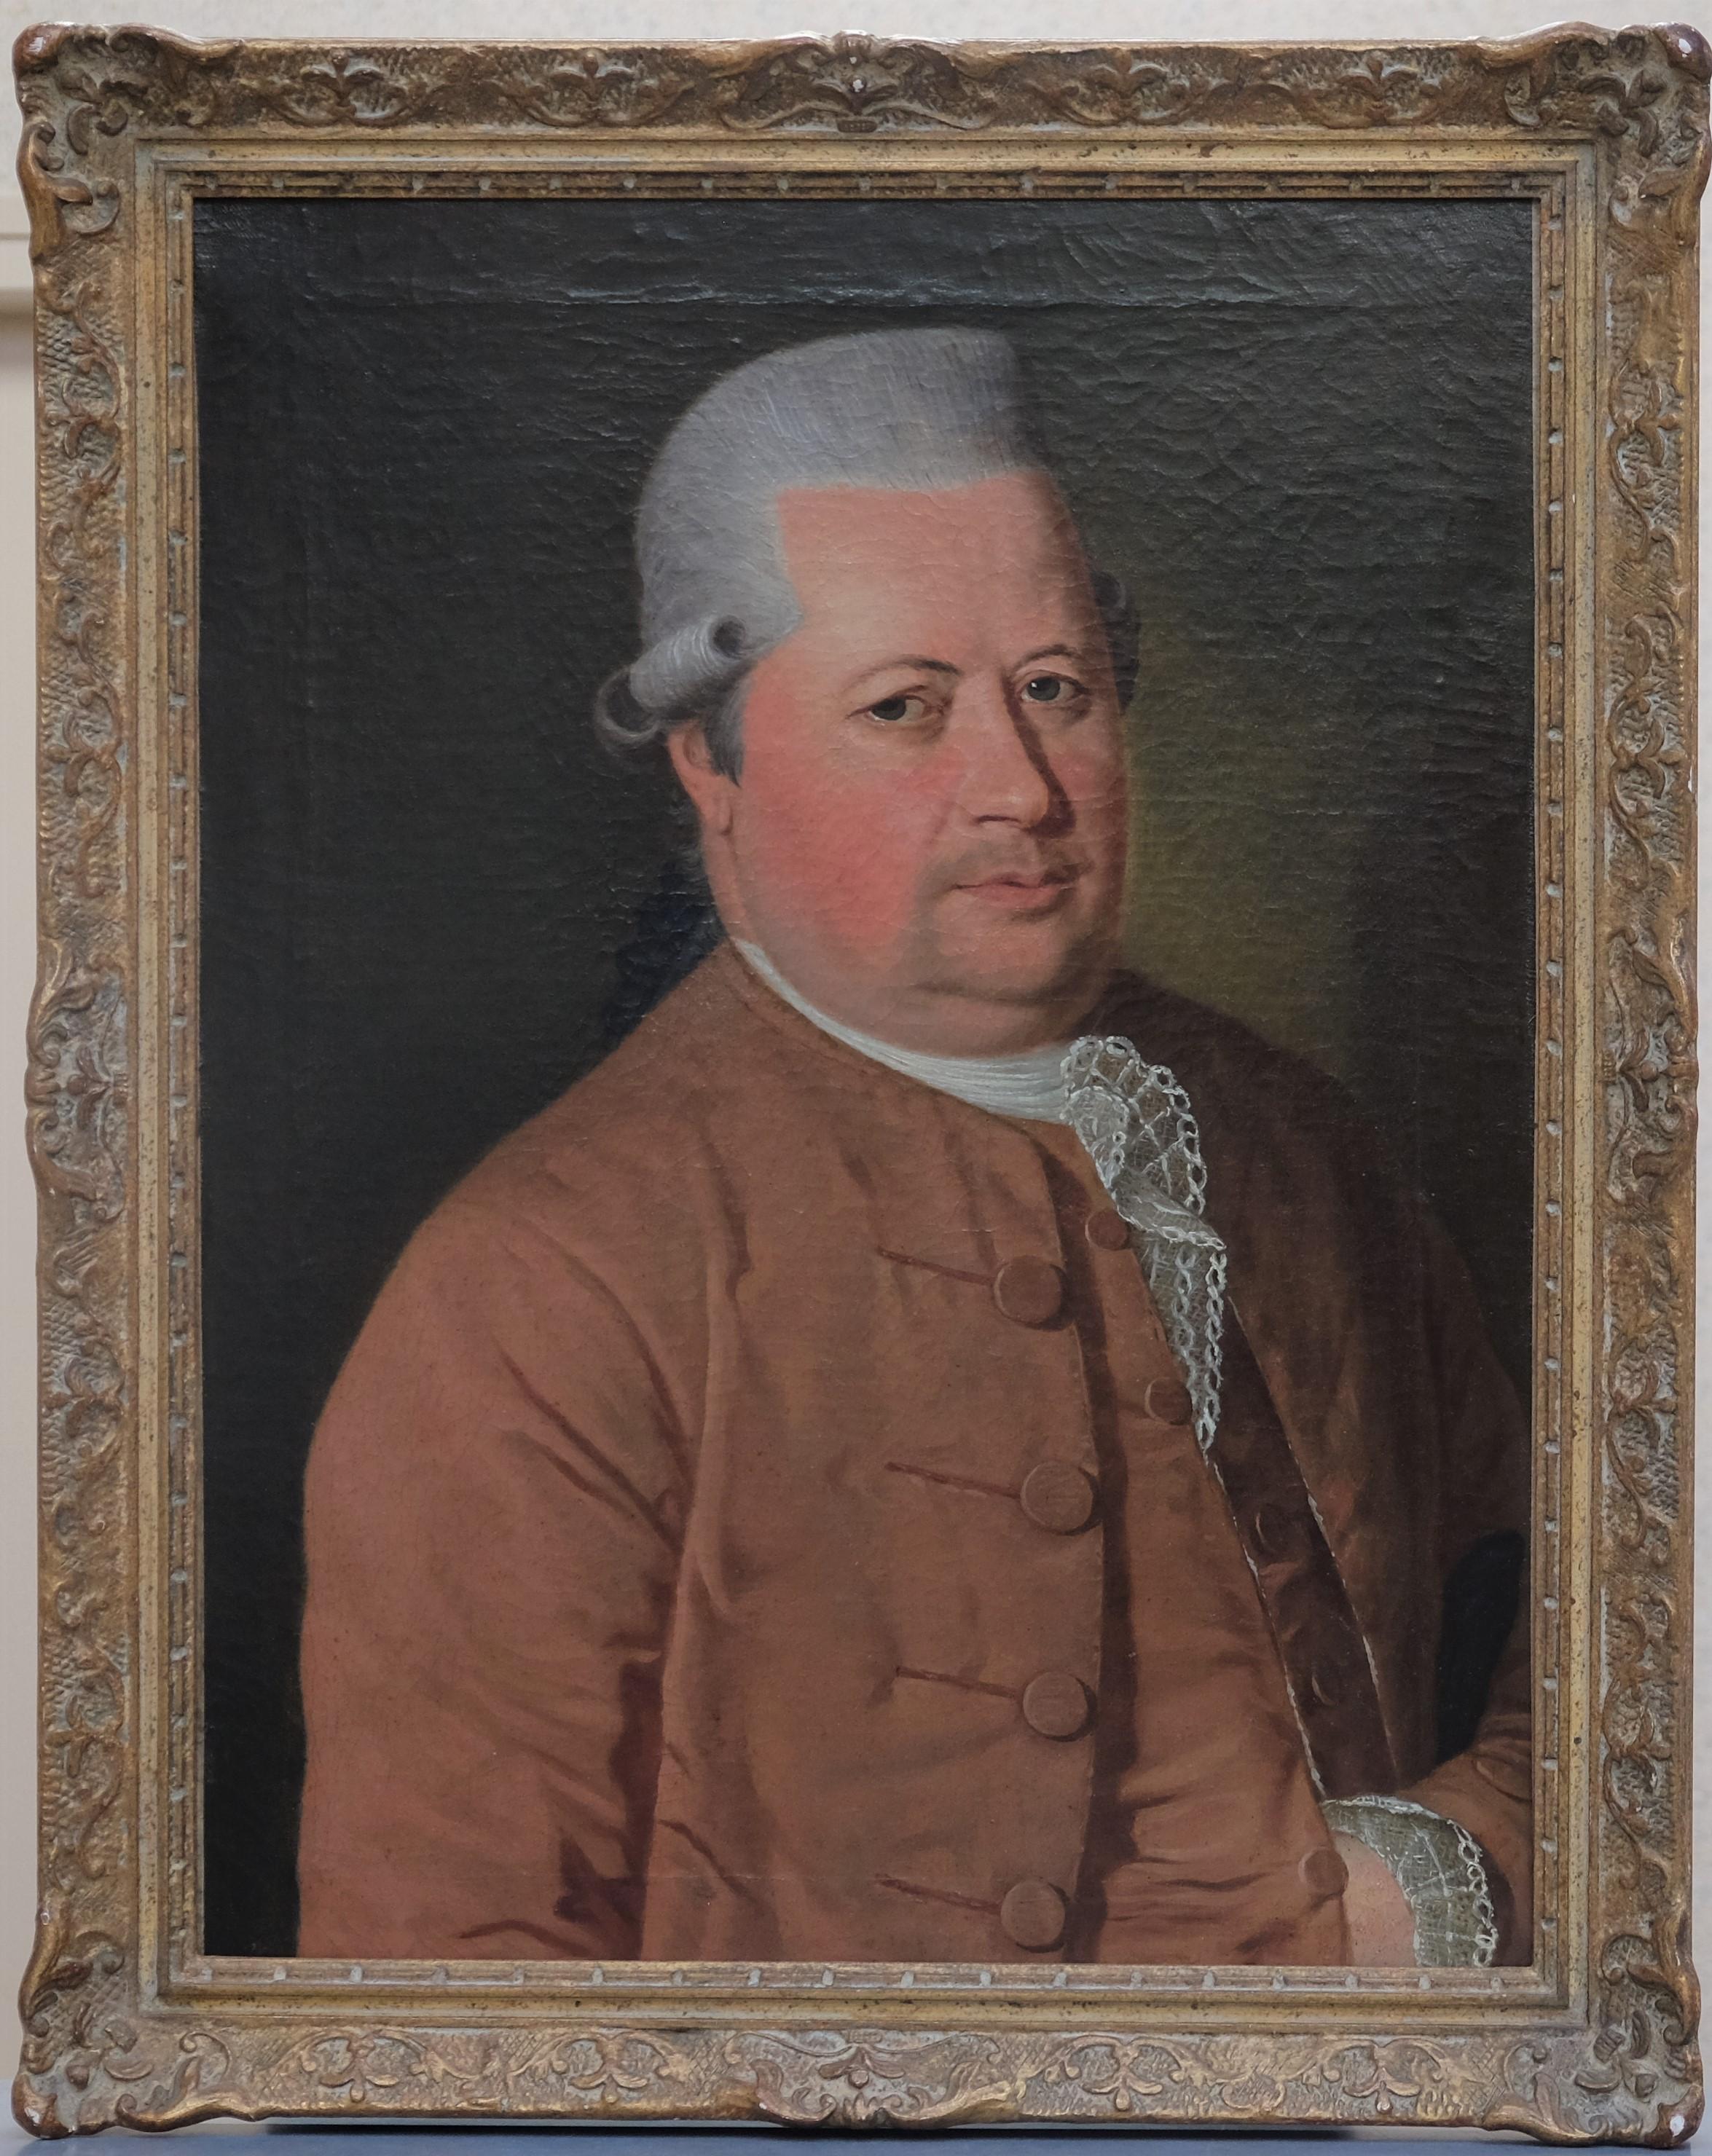 Fin XVIIIe. Portrait d'homme. Huile sur toile. Non signée. 65 X 48.